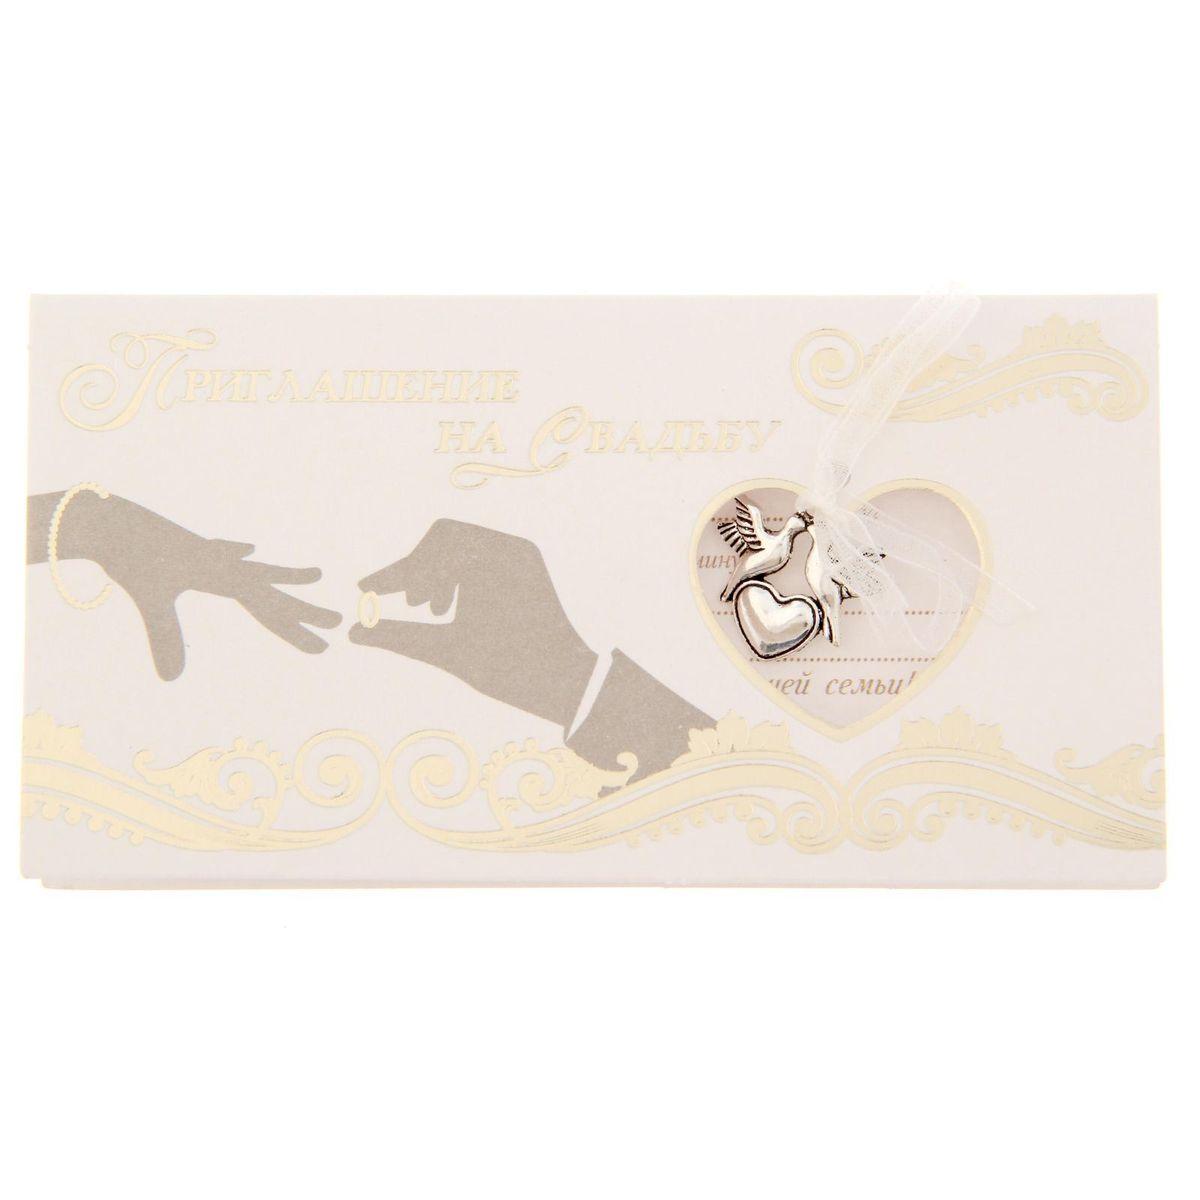 """Свадьба - одно из главных событий в жизни каждого человека. Для идеального  торжества необходимо продумать каждую мелочь. Родным и близким будет  приятно получить индивидуальную красивую открытку с эксклюзивным дизайном.  Приглашение Sima-land """"Руки"""", выполненное в форме горизонтальной открытки,  декорировано подвеской из металла с  бантом. Внутри располагается текст приглашения, свободные поля для имени  получателя, времени, даты и адреса проведения мероприятия. Заполните  необходимые строки и раздайте приглашение гостям. Устройте незабываемую свадьбу с приглашением Sima-land """"Руки""""!"""